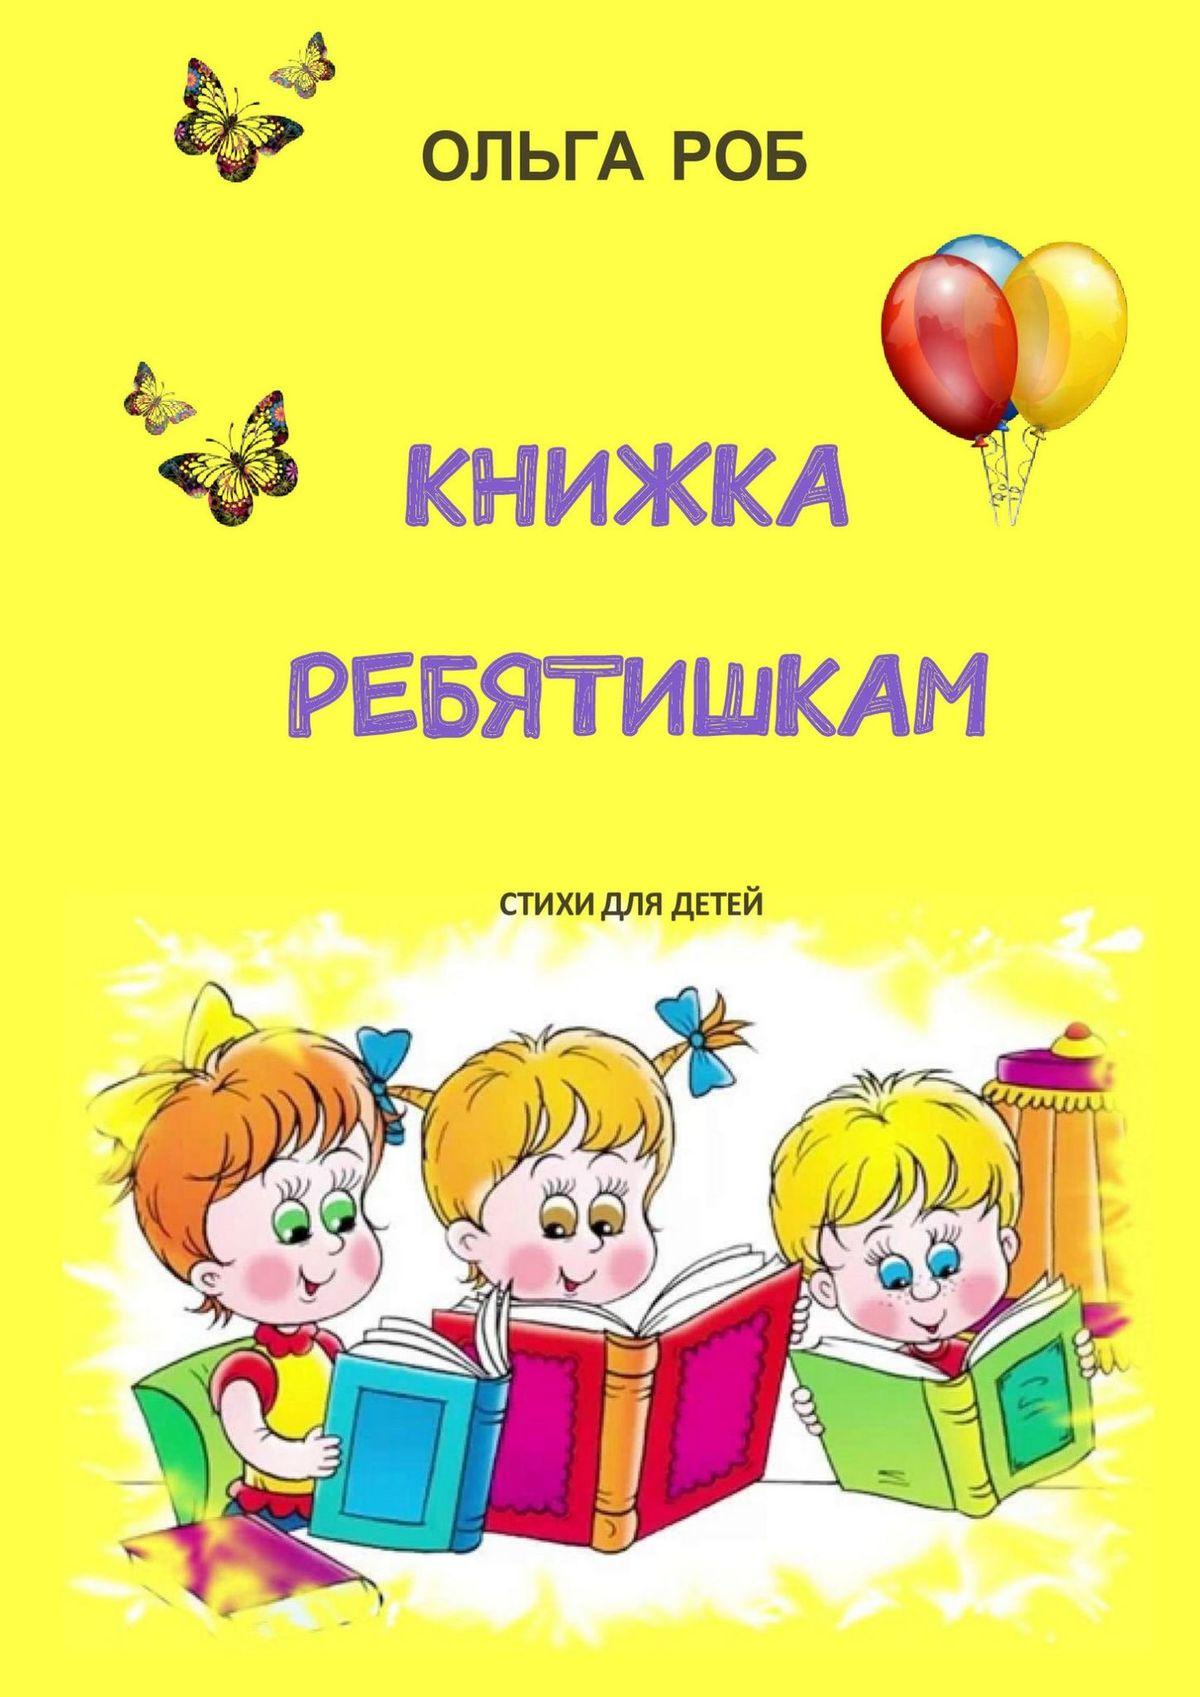 цена на Роб Ольга Книжка ребятишкам. стихи для детей